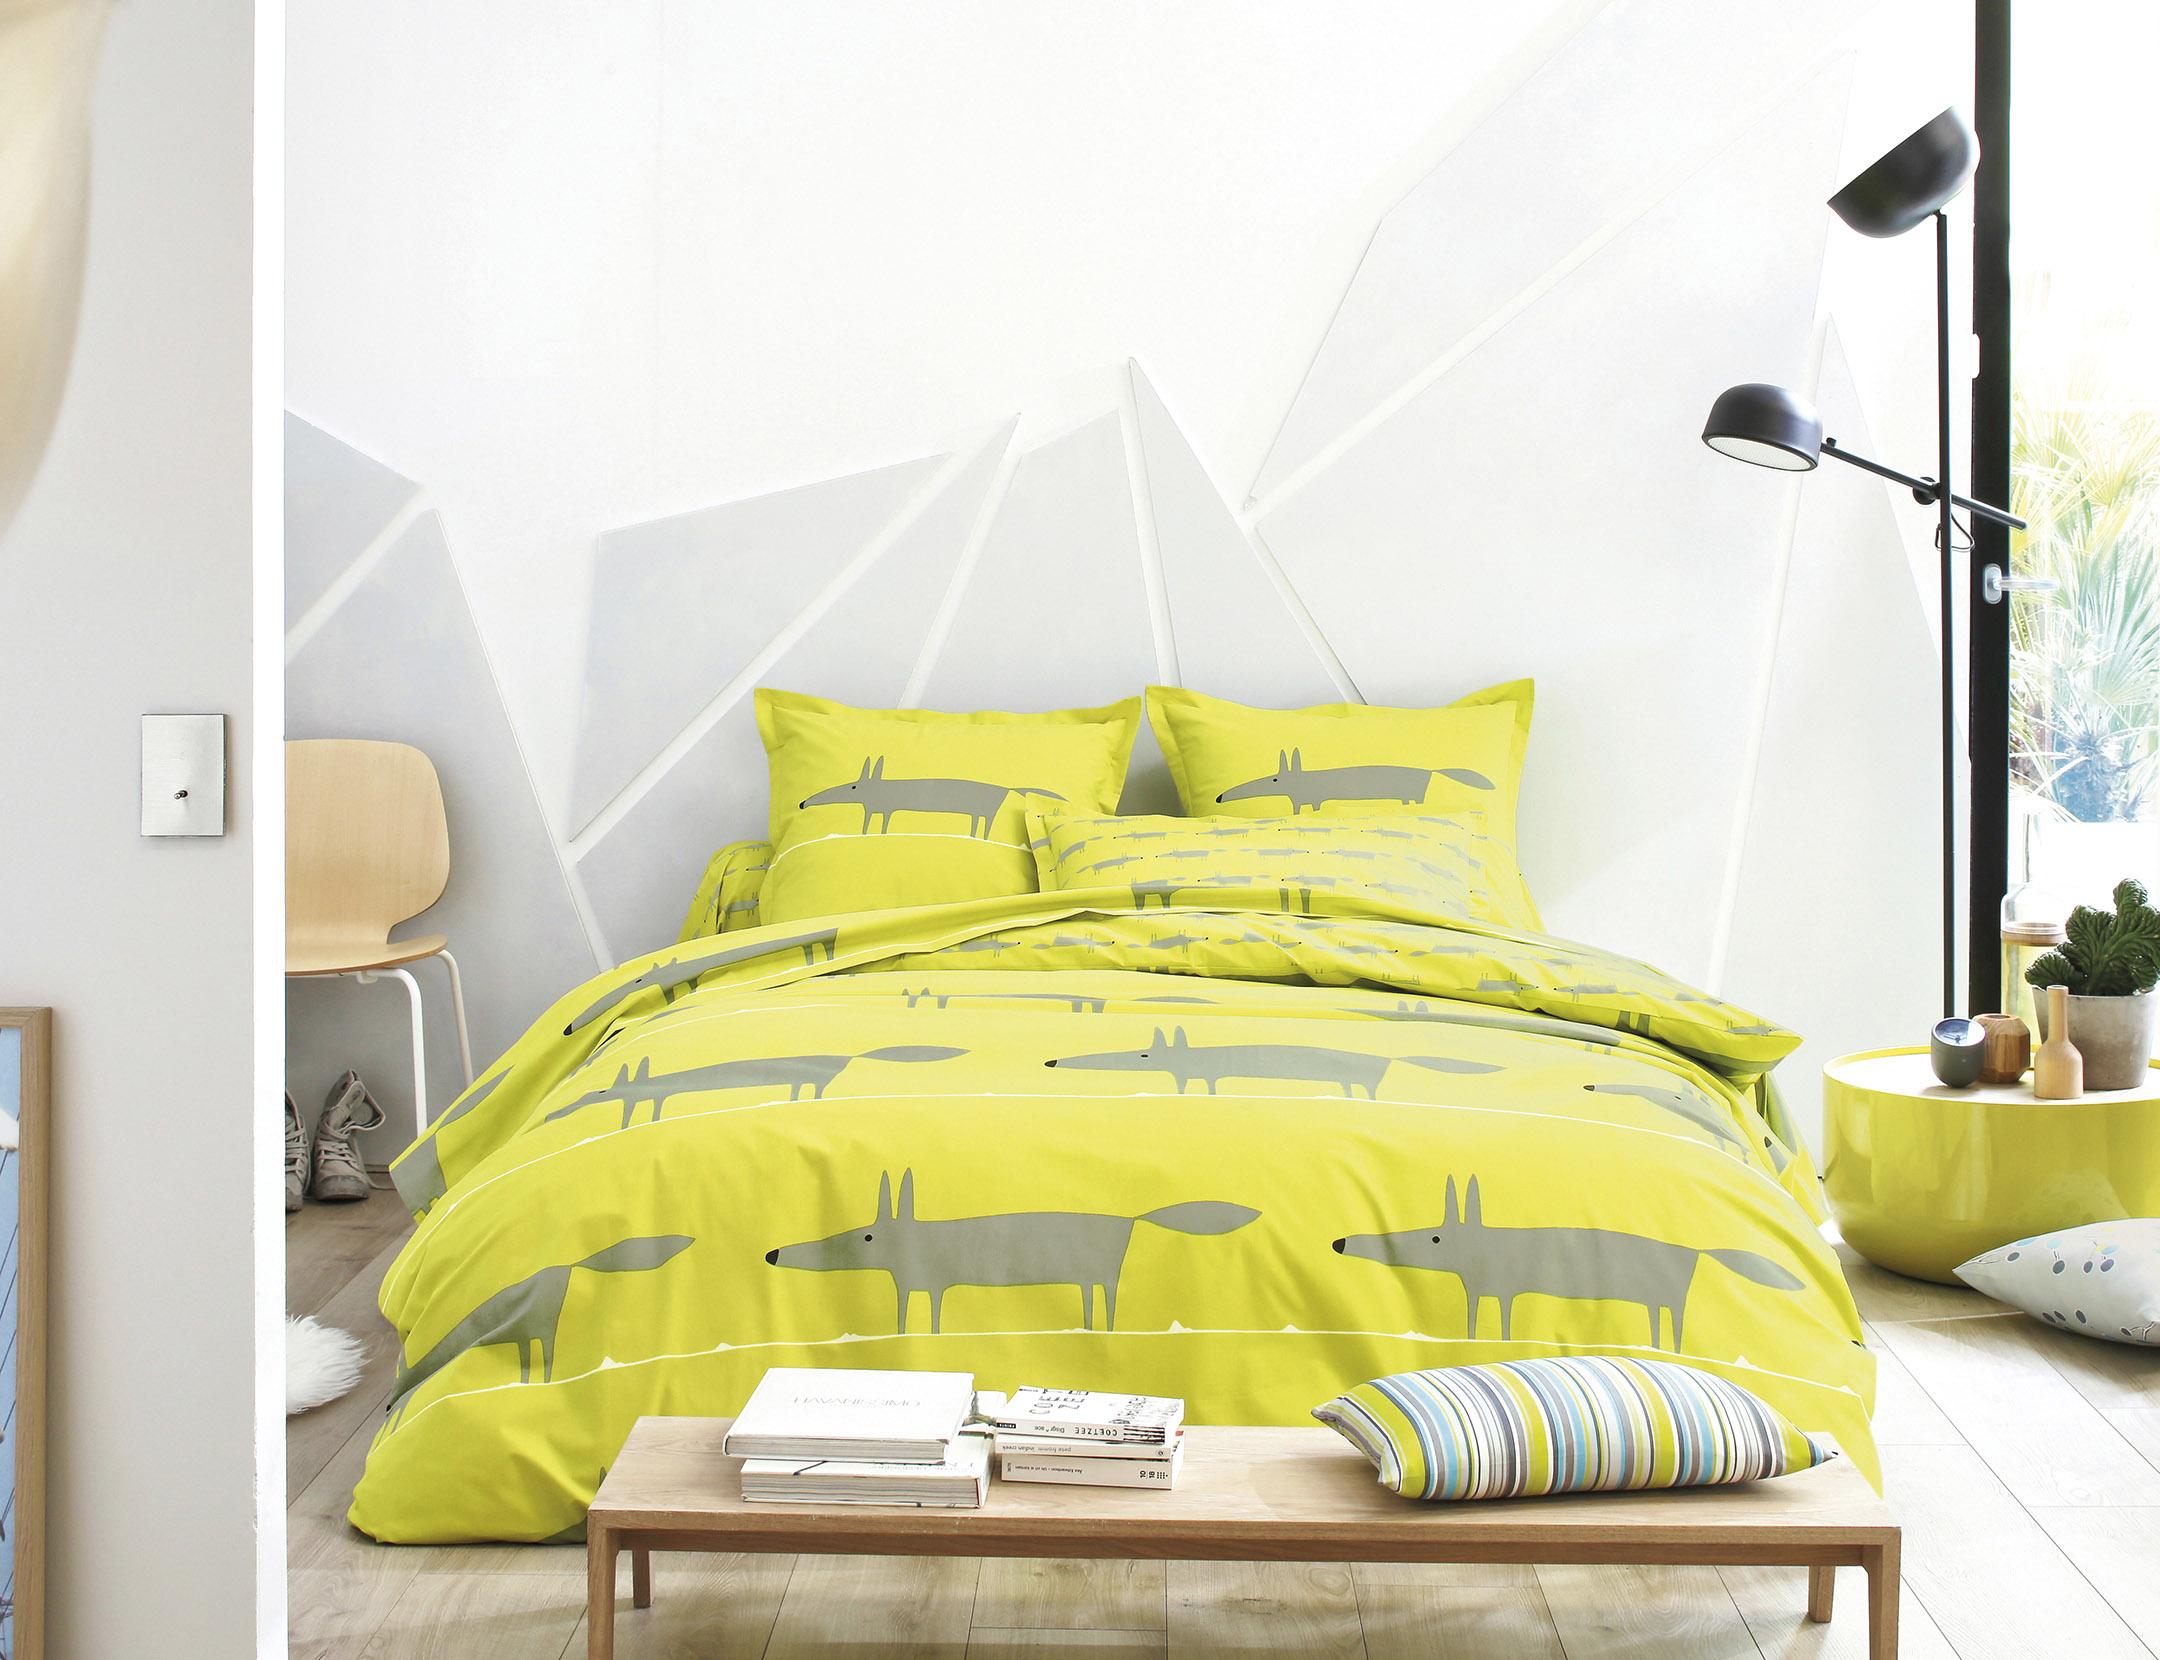 mr fox taie la boutique blanc des vosges. Black Bedroom Furniture Sets. Home Design Ideas